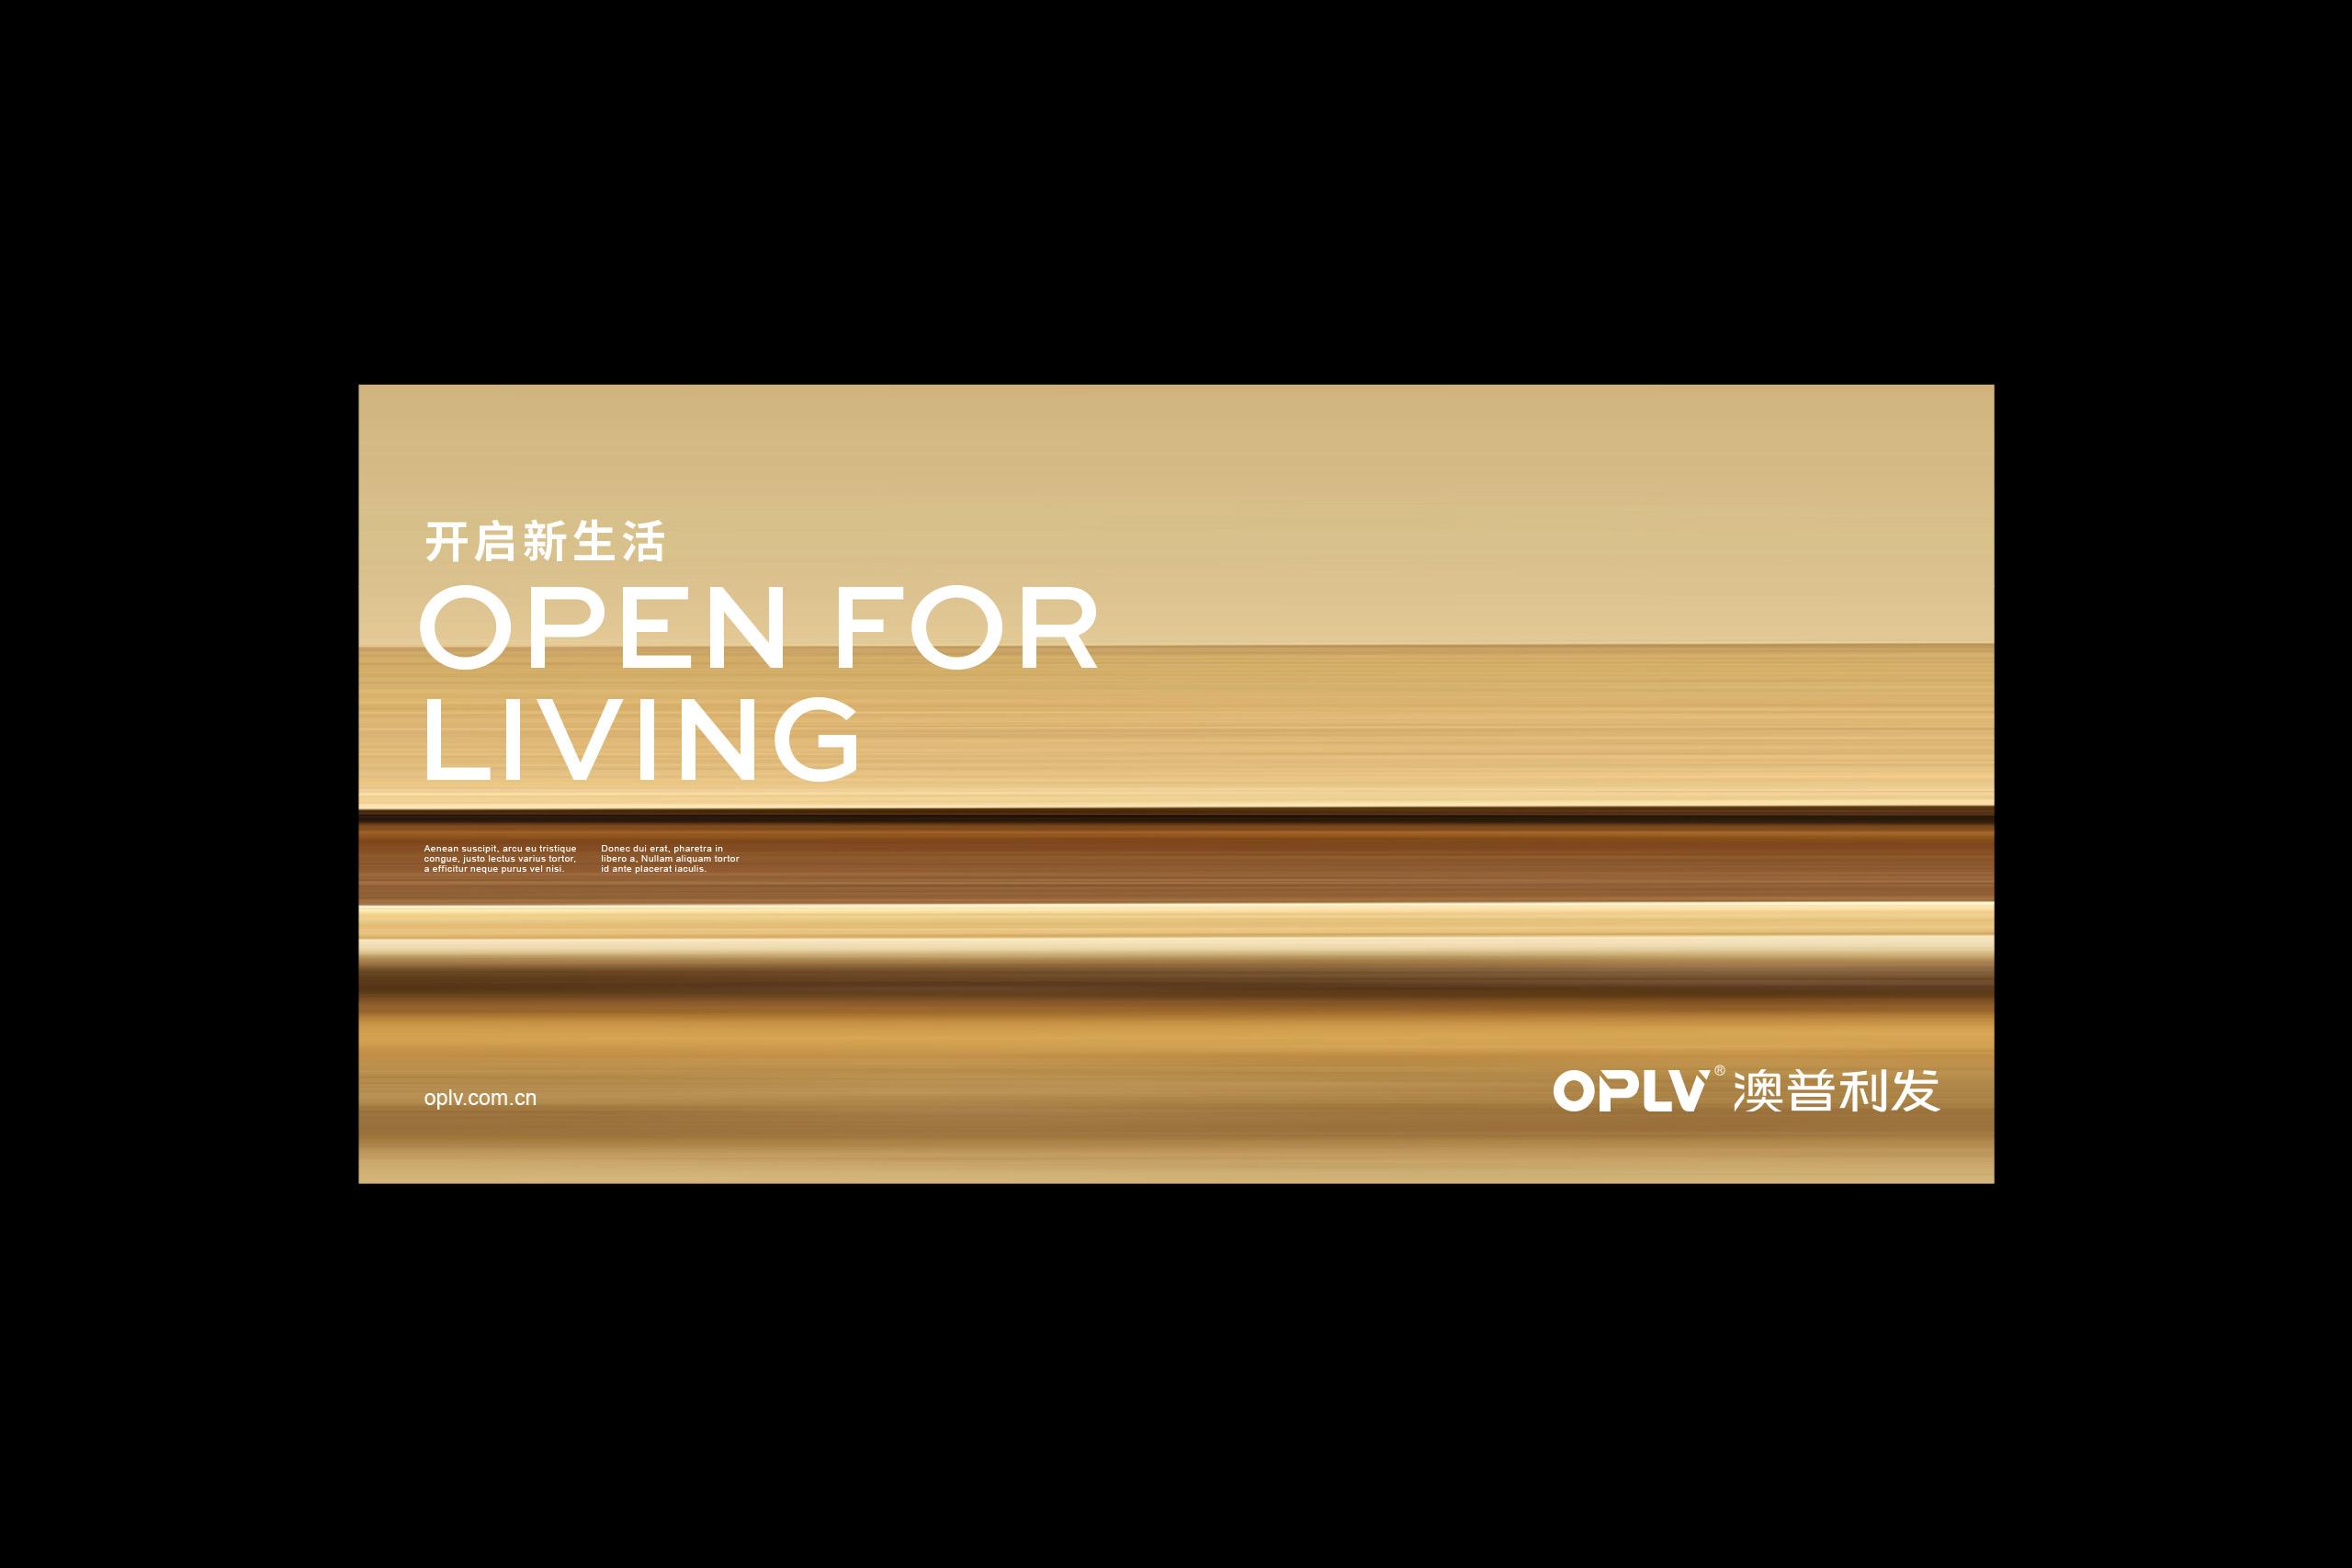 QIU_OPLV_1